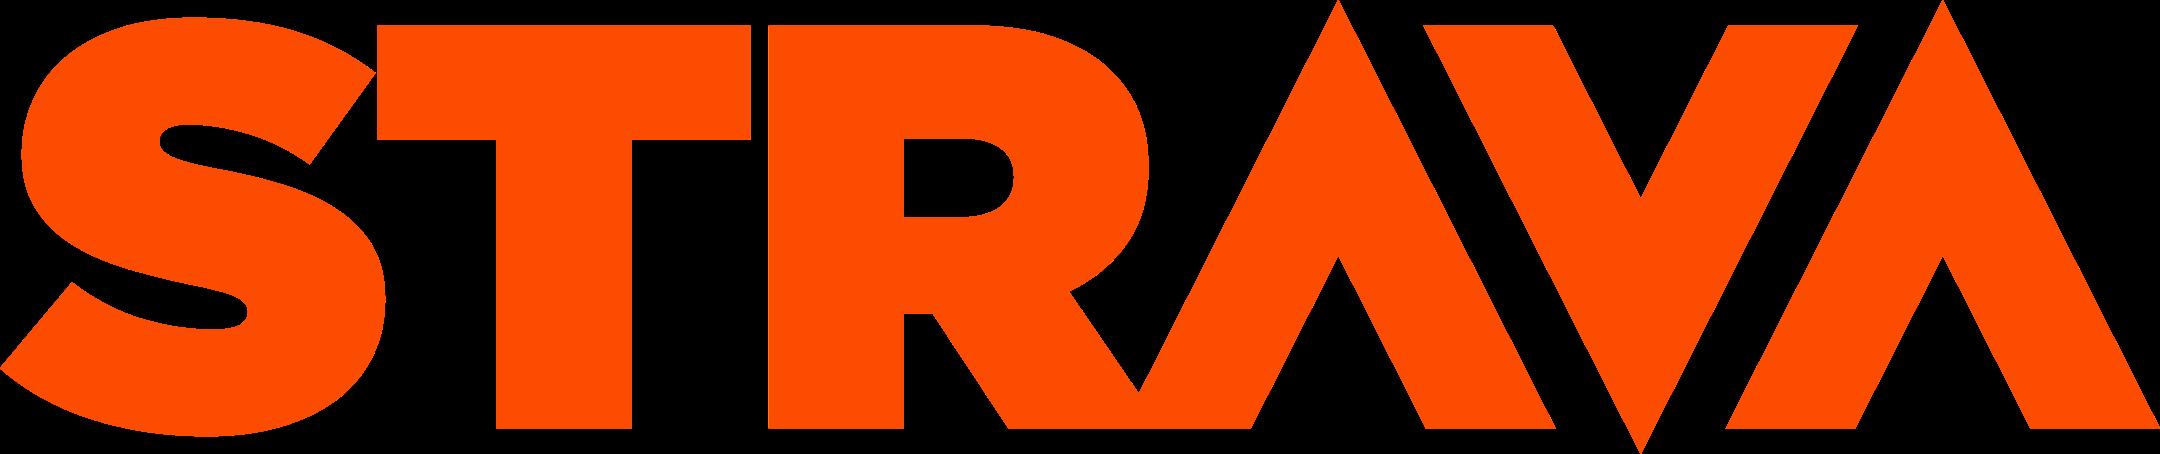 strava logo 1 - Strava Logo